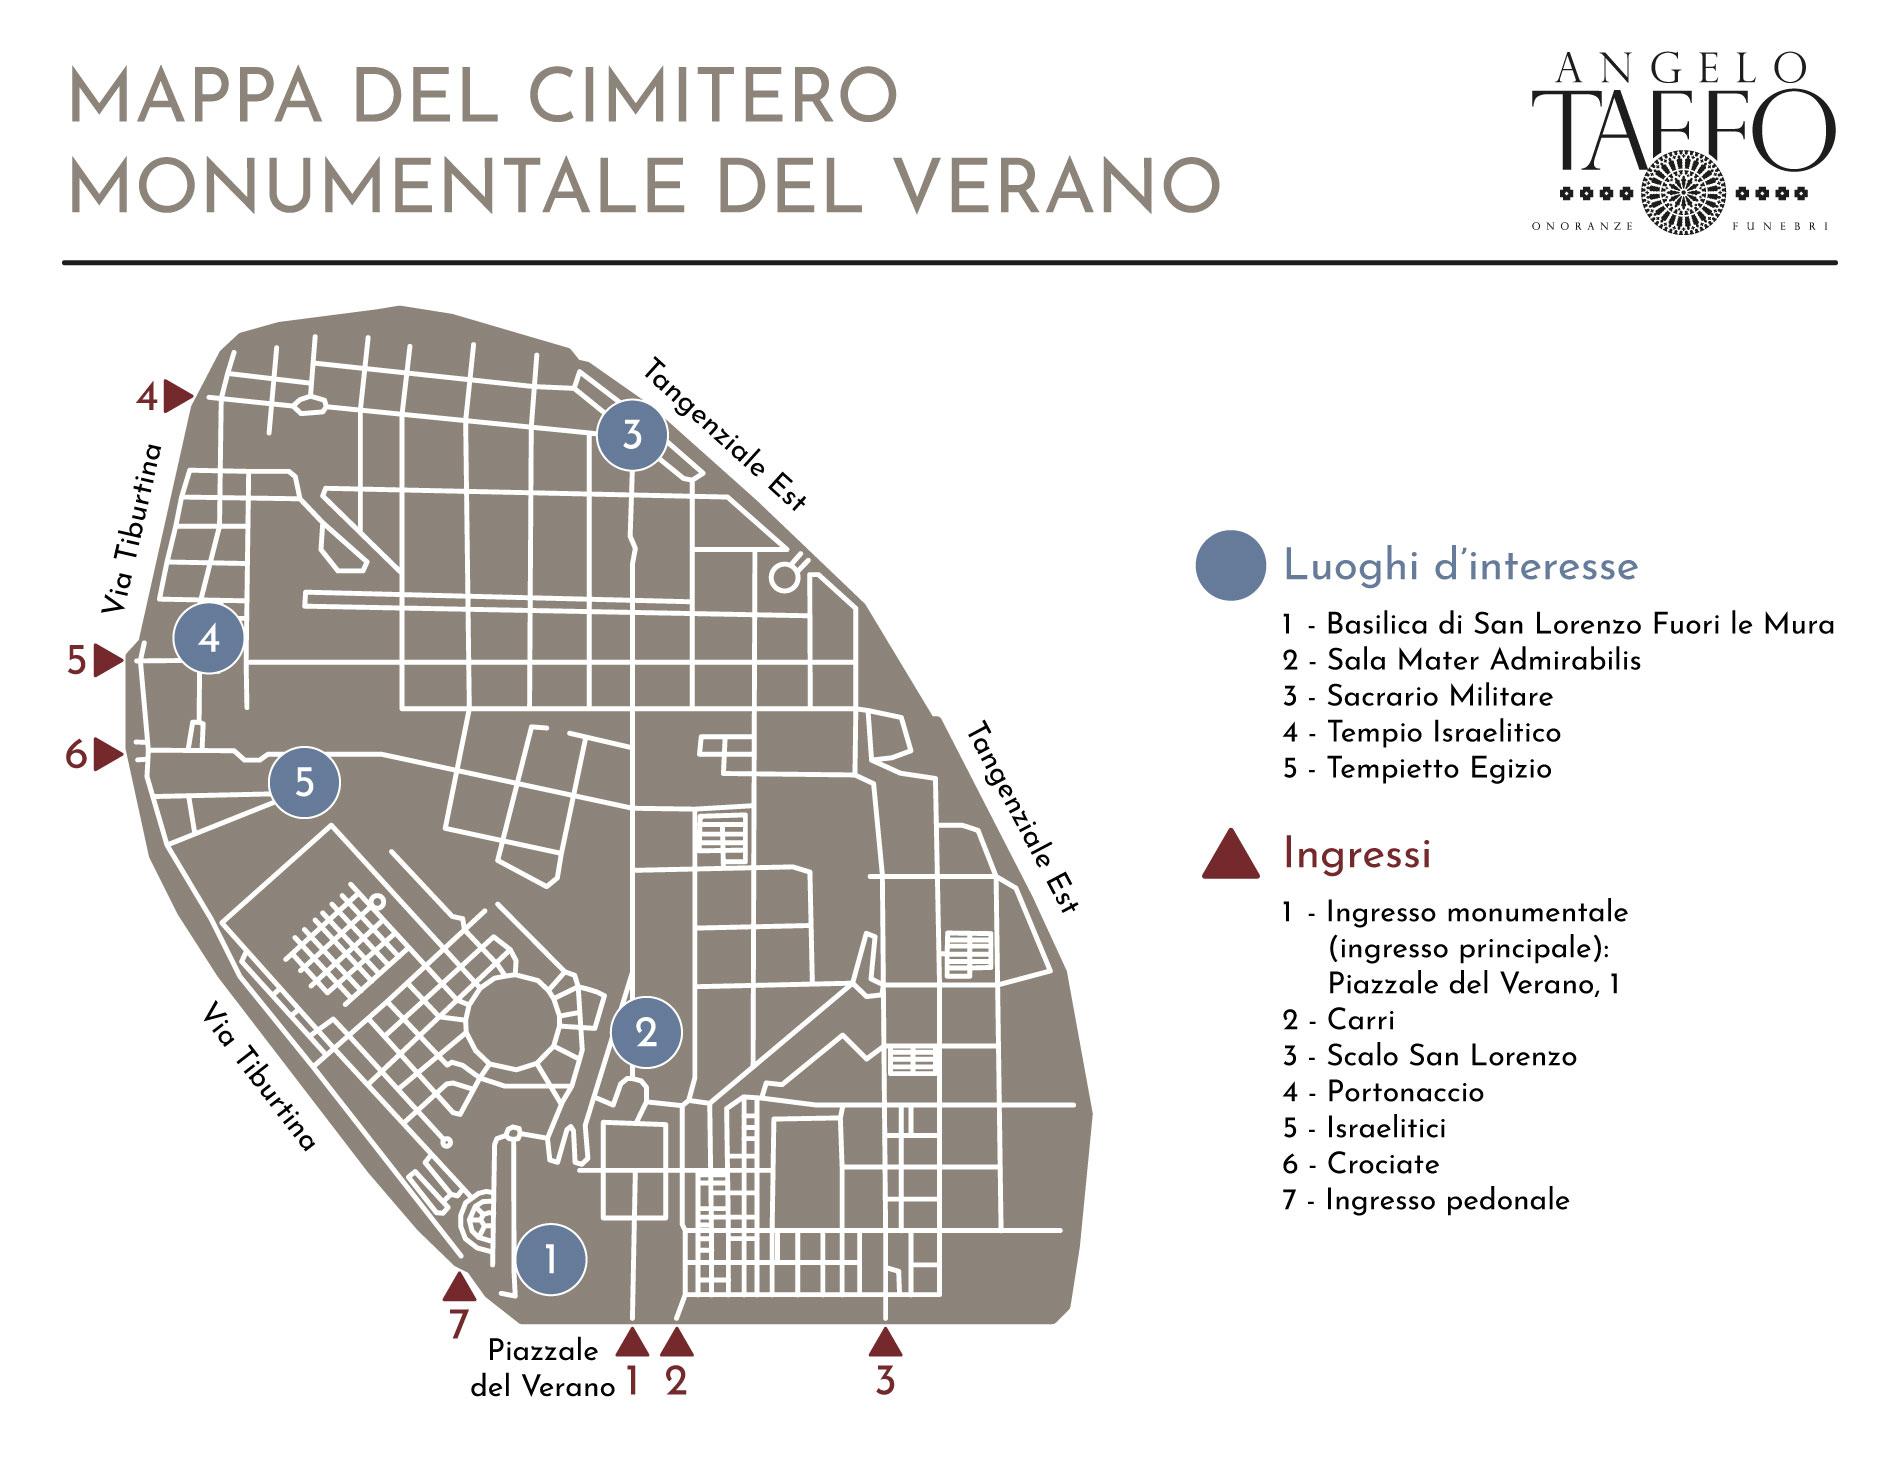 Taffo Onoranze Funebri Mappa Del Cimitero Monumentale Del Verano